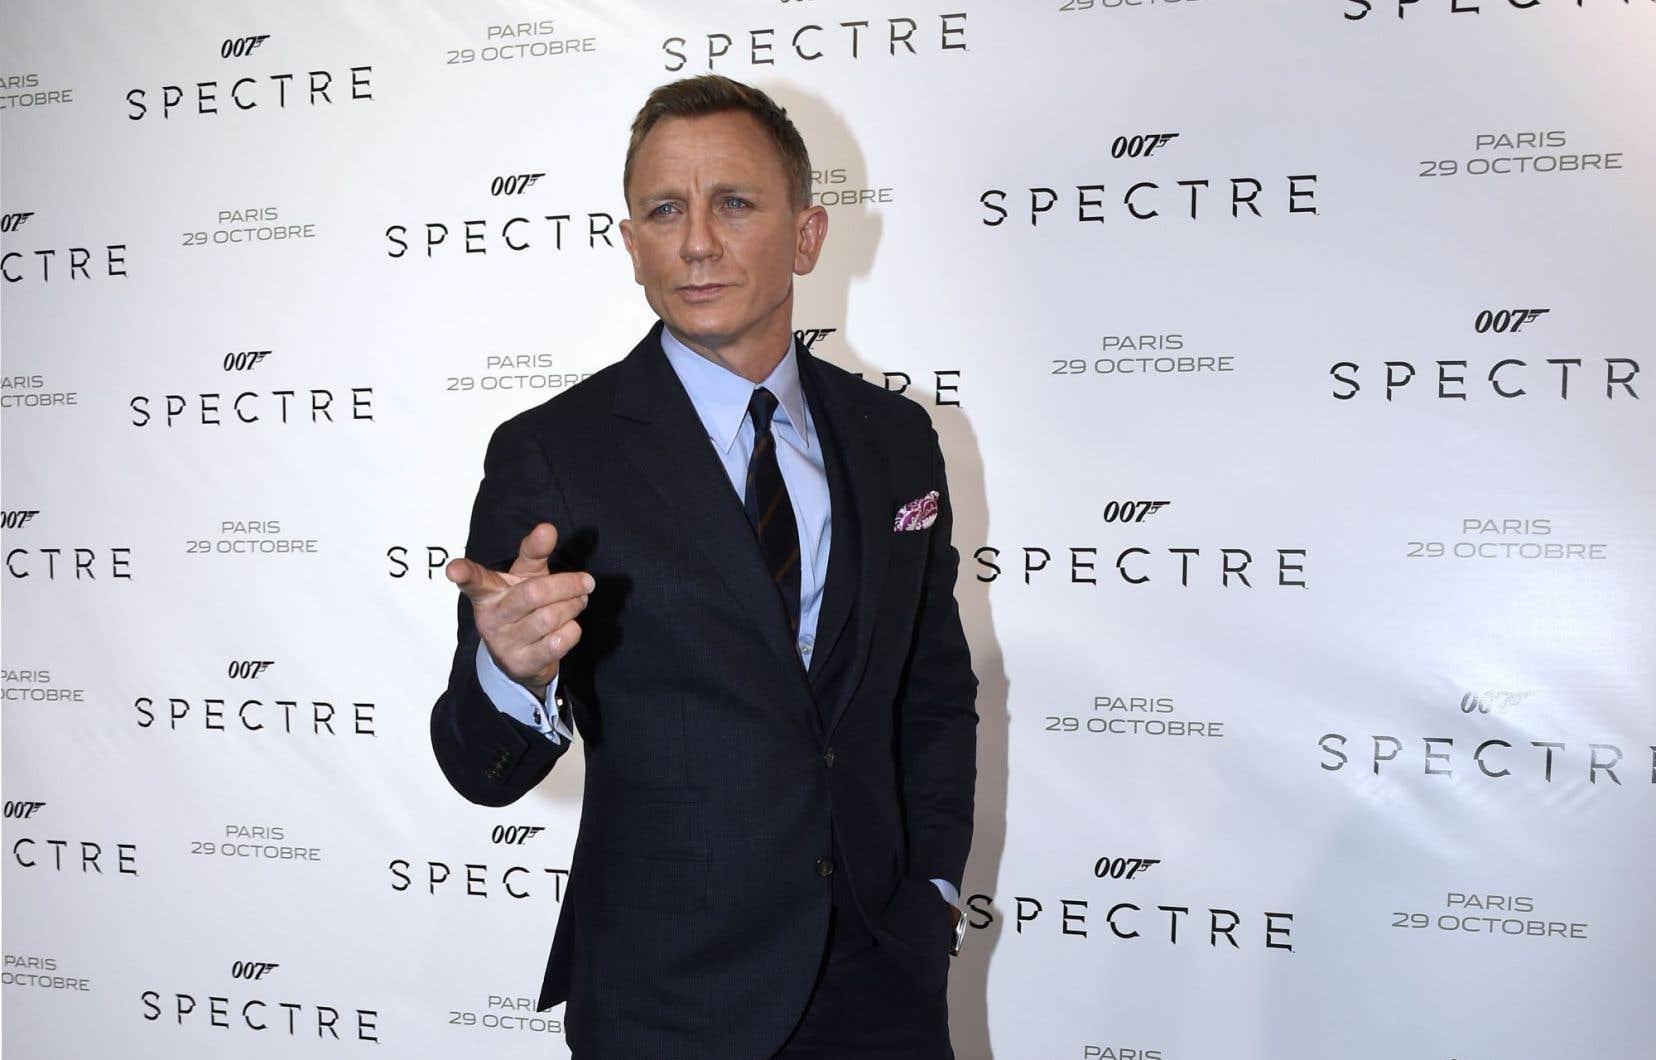 L'acteur britannique Daniel Craiga déjà incarné James Bond à quatre reprises.